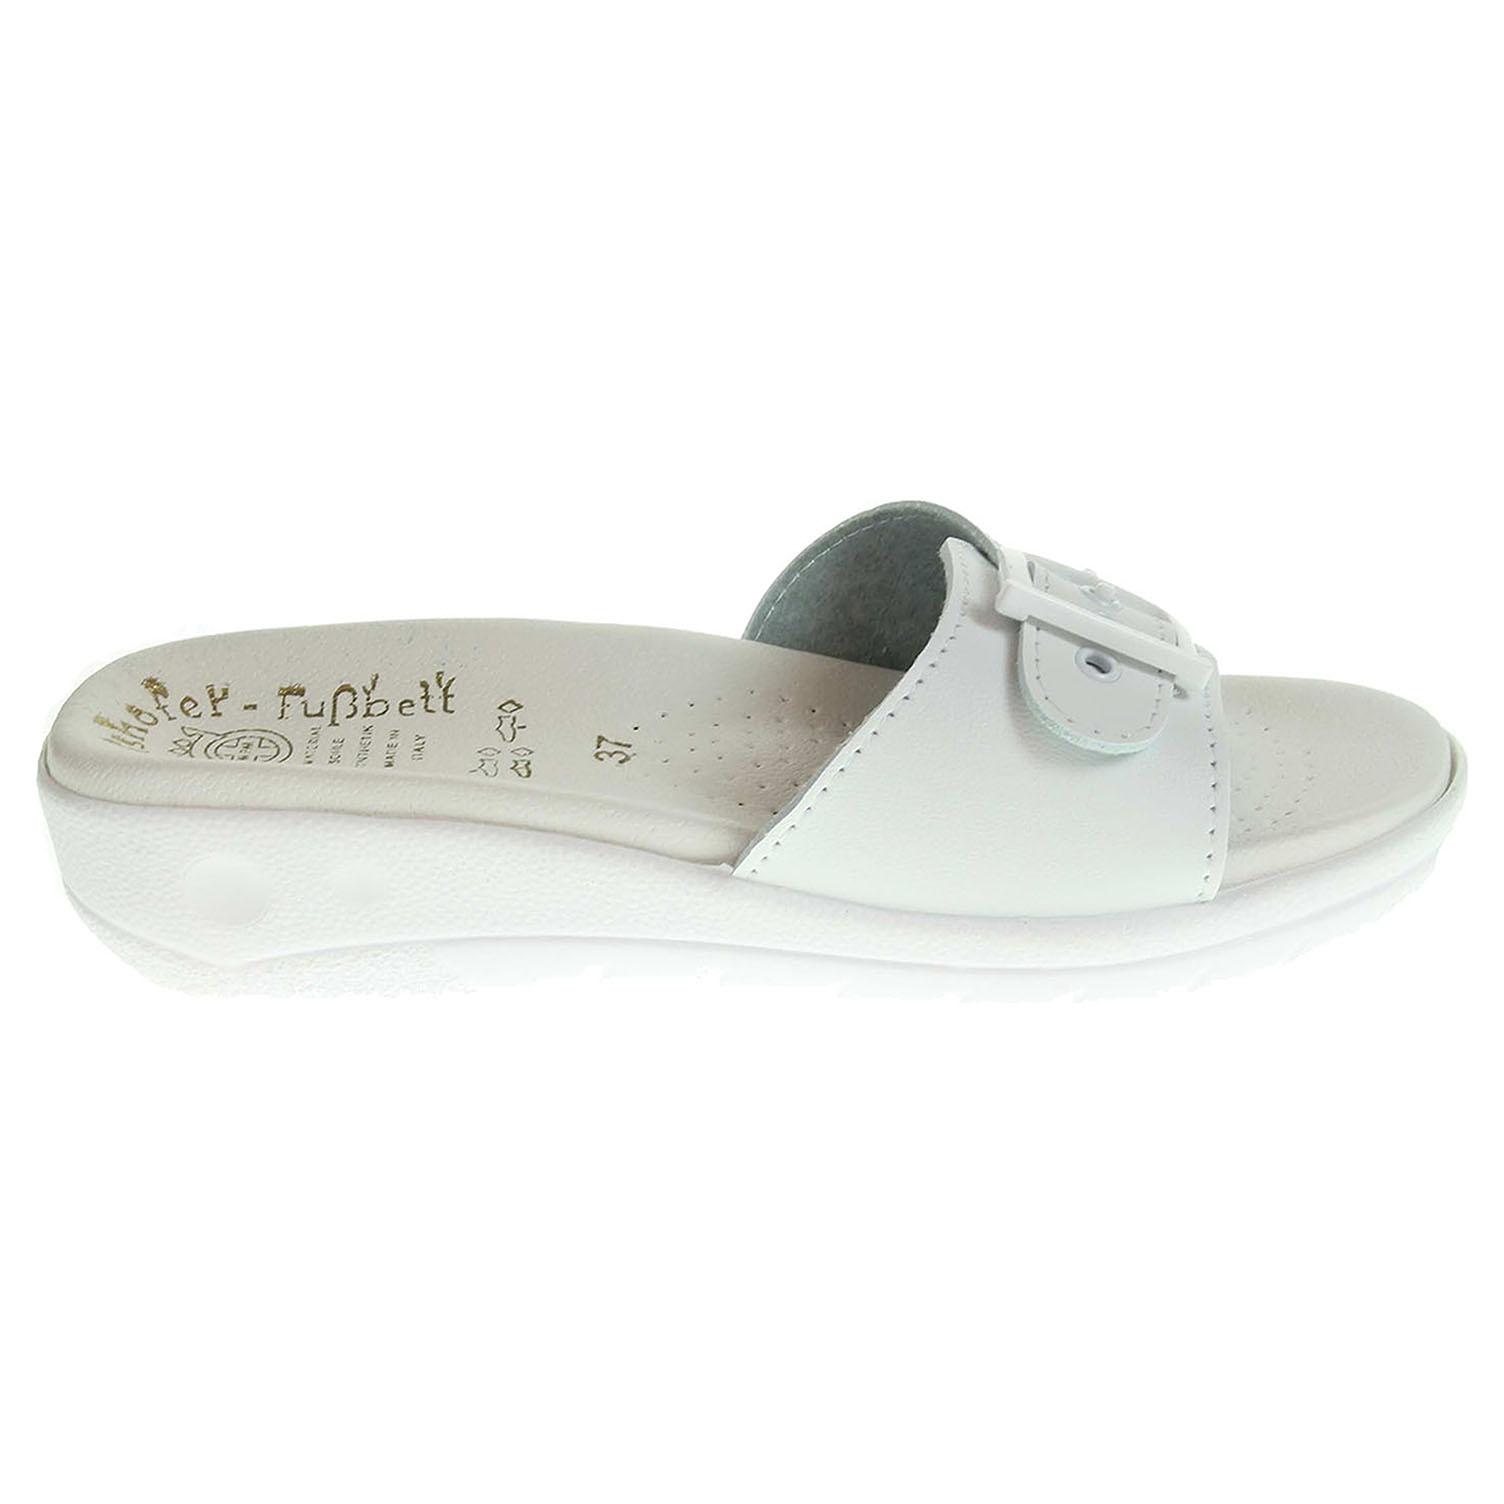 Ecco Dámské pantofle 5-20105 bílé 23400305